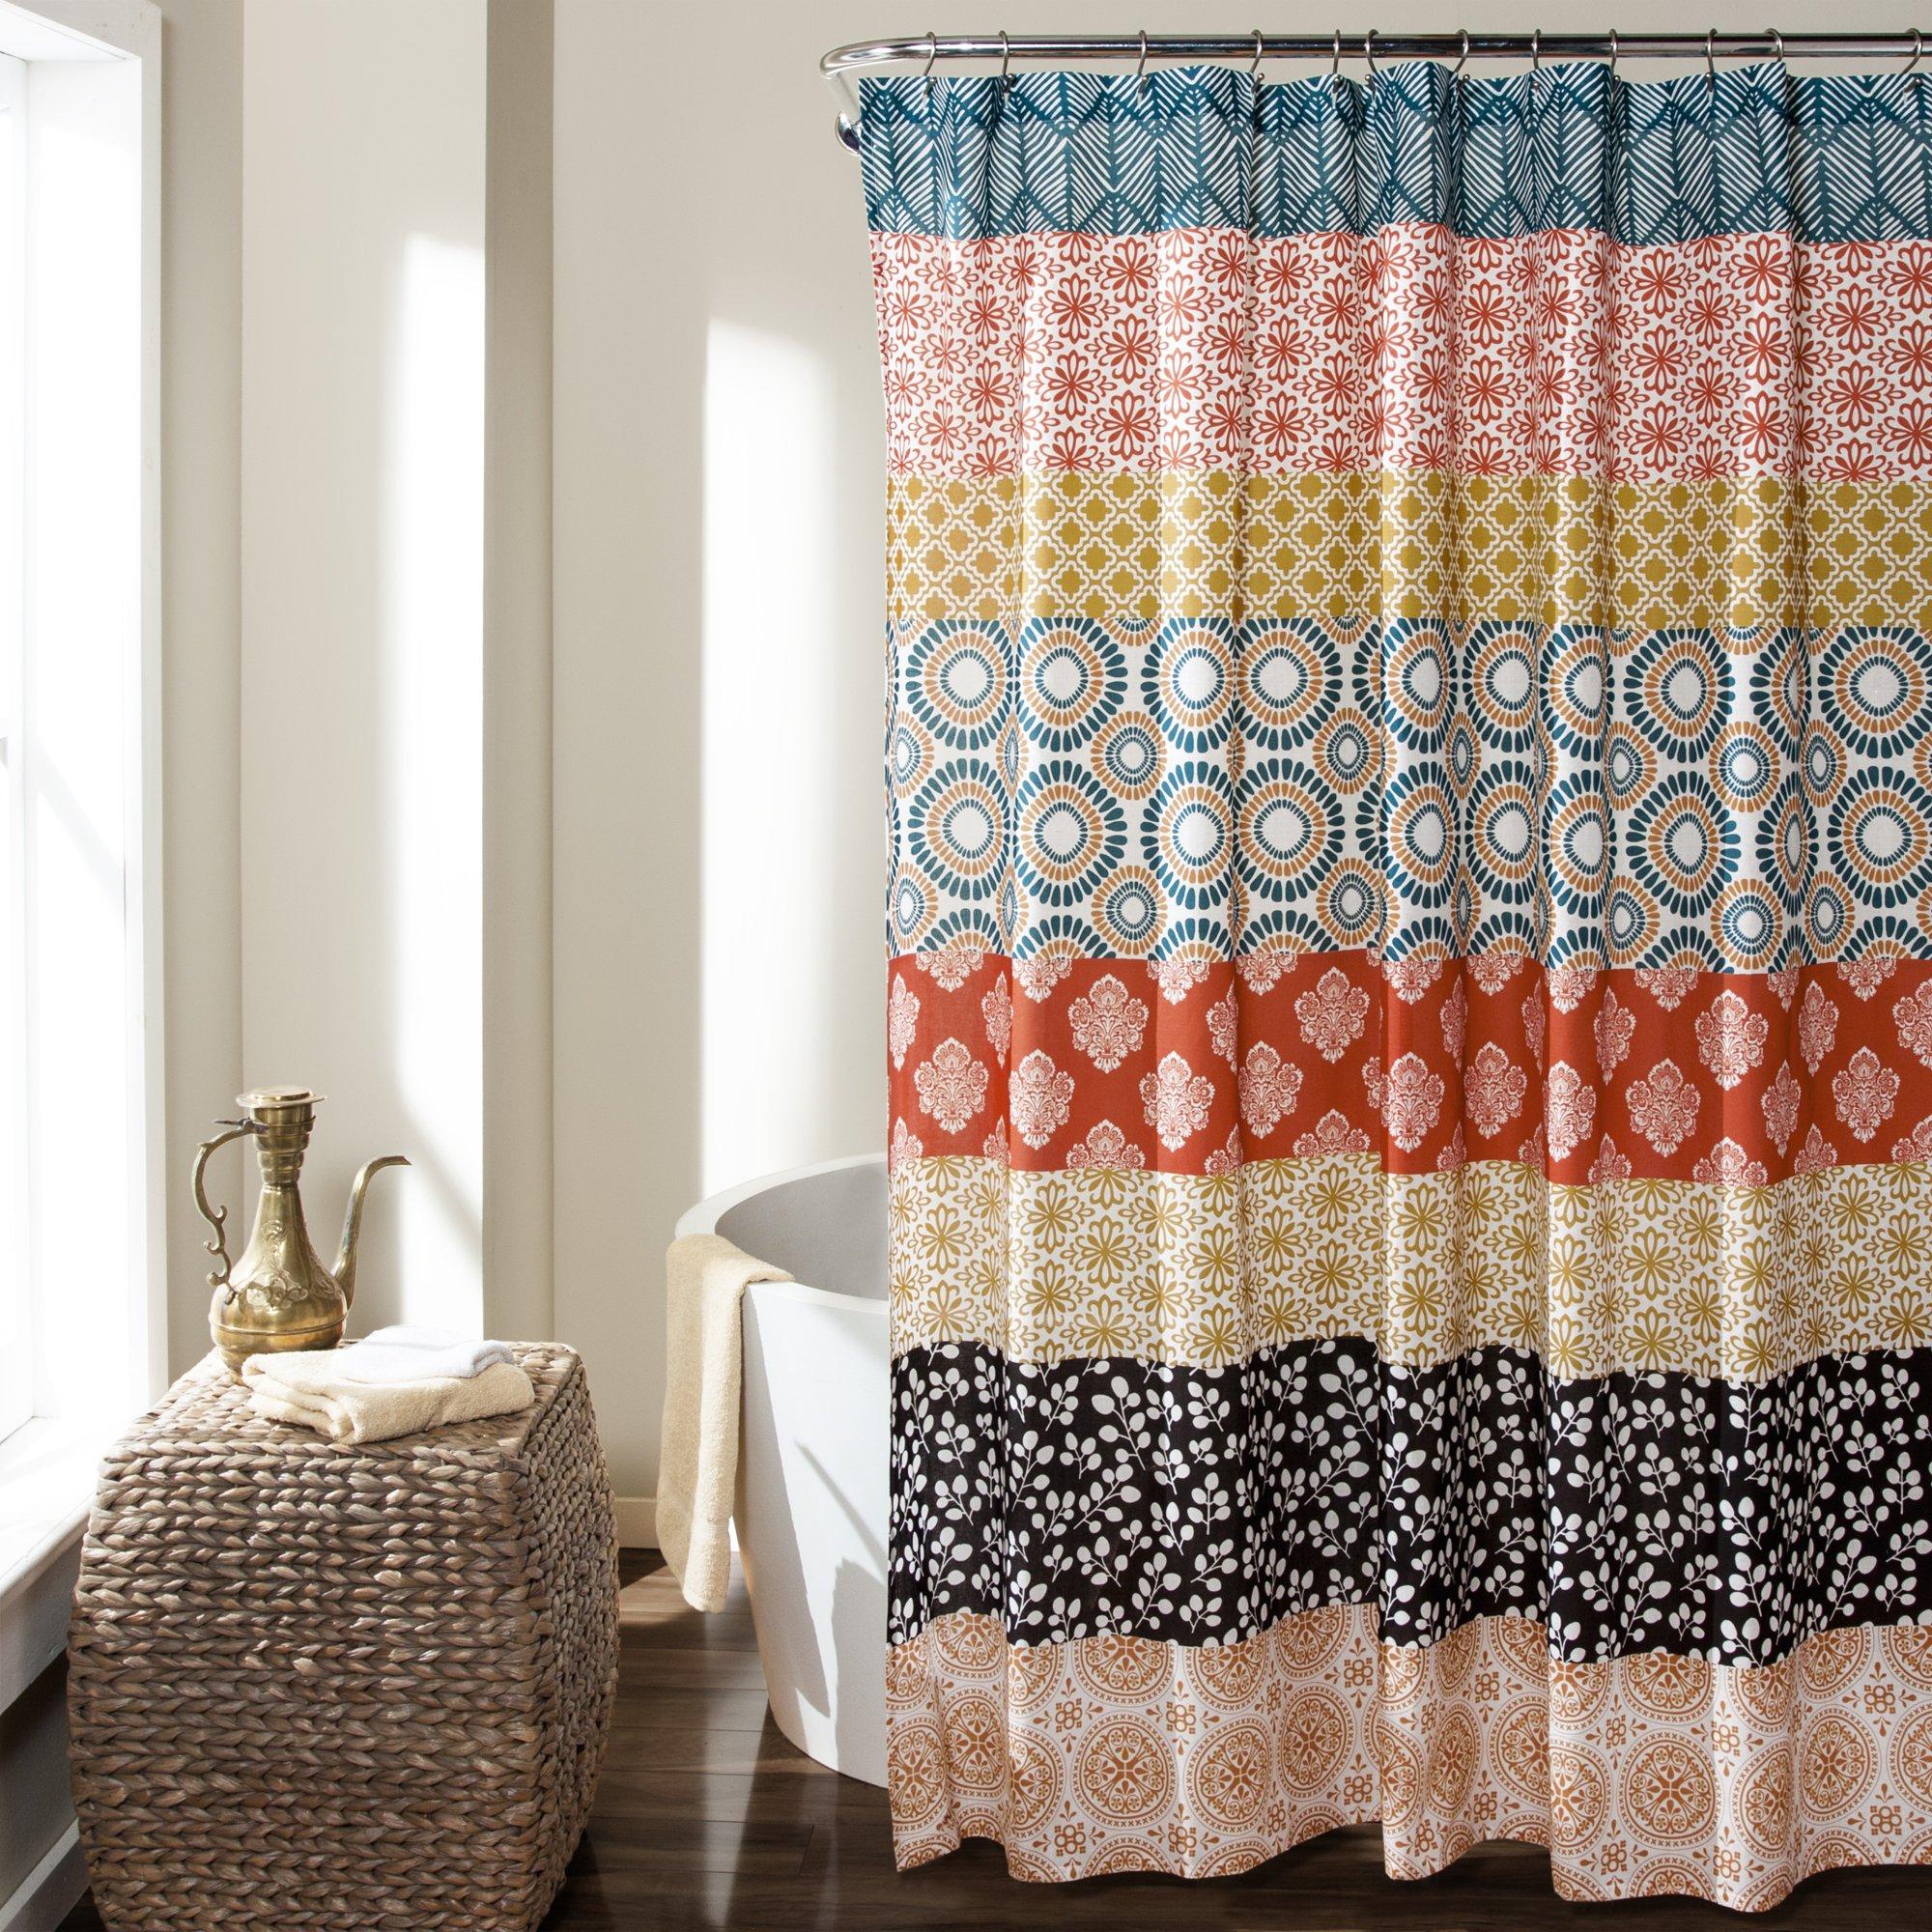 Details About Lush Decor 16T000209 Bohemian Stripe Shower Curtain 72 X Turquoise Orange